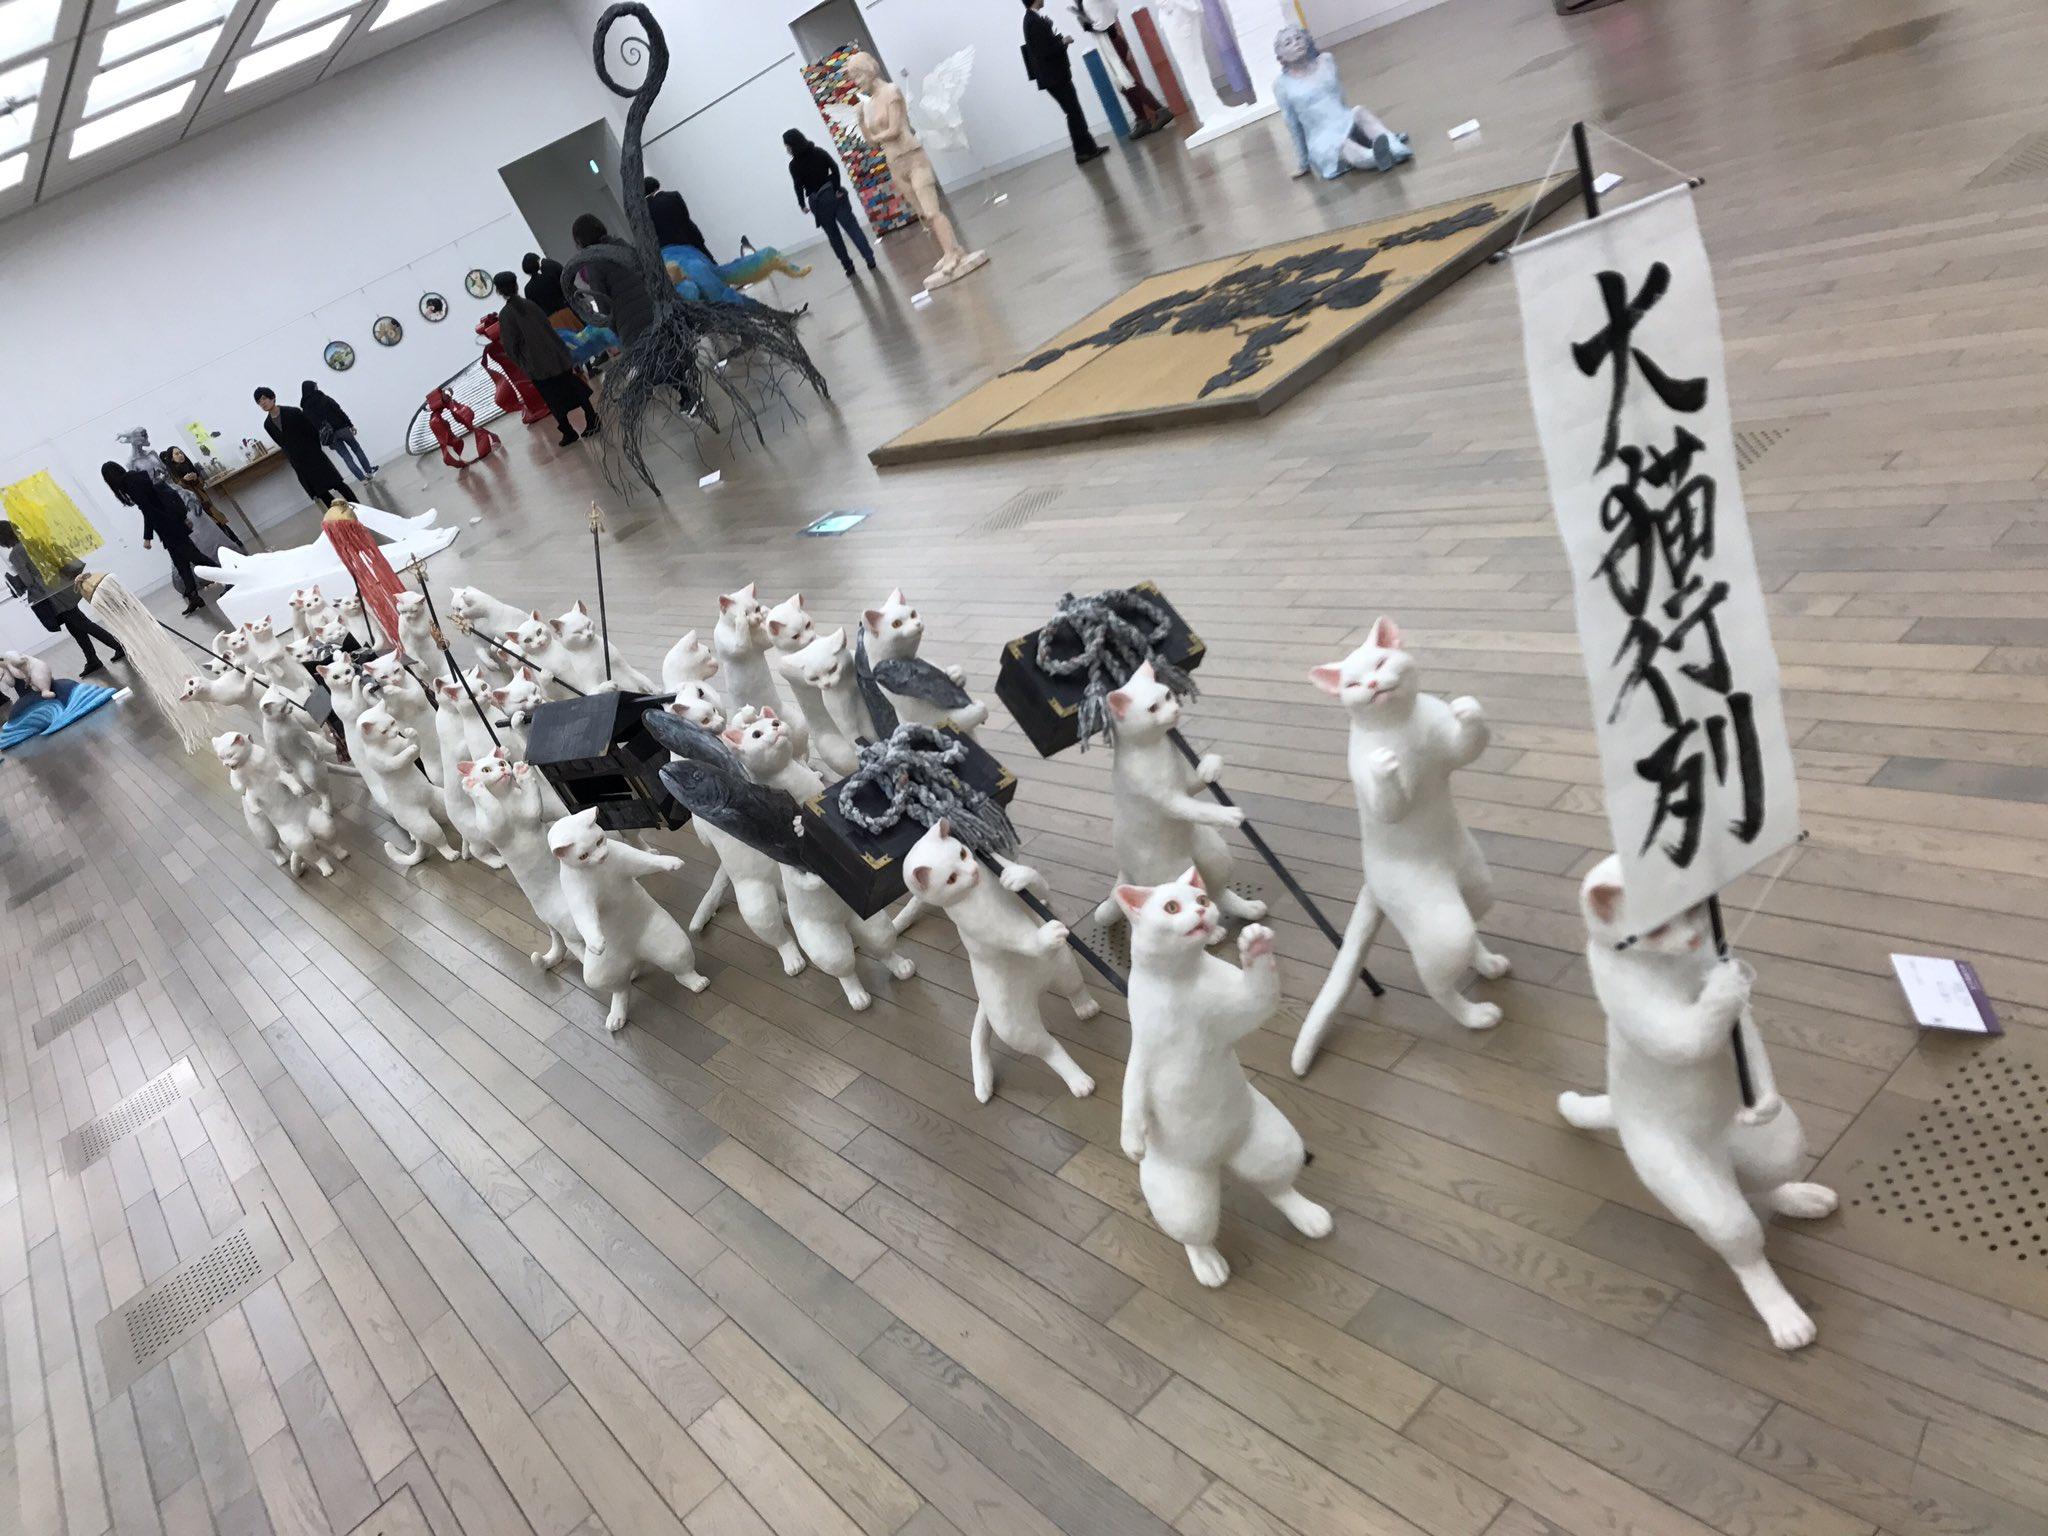 """今年度の五美大展で一番注目を集めそうな杉山愛莉さん(女子美術大学)の""""大猫行列""""です。ミニチュアダックスのももちゃんと暮らす犬党ですが、流石にこれは可愛いと思う。屈託のない表現はとても良いと思います。"""